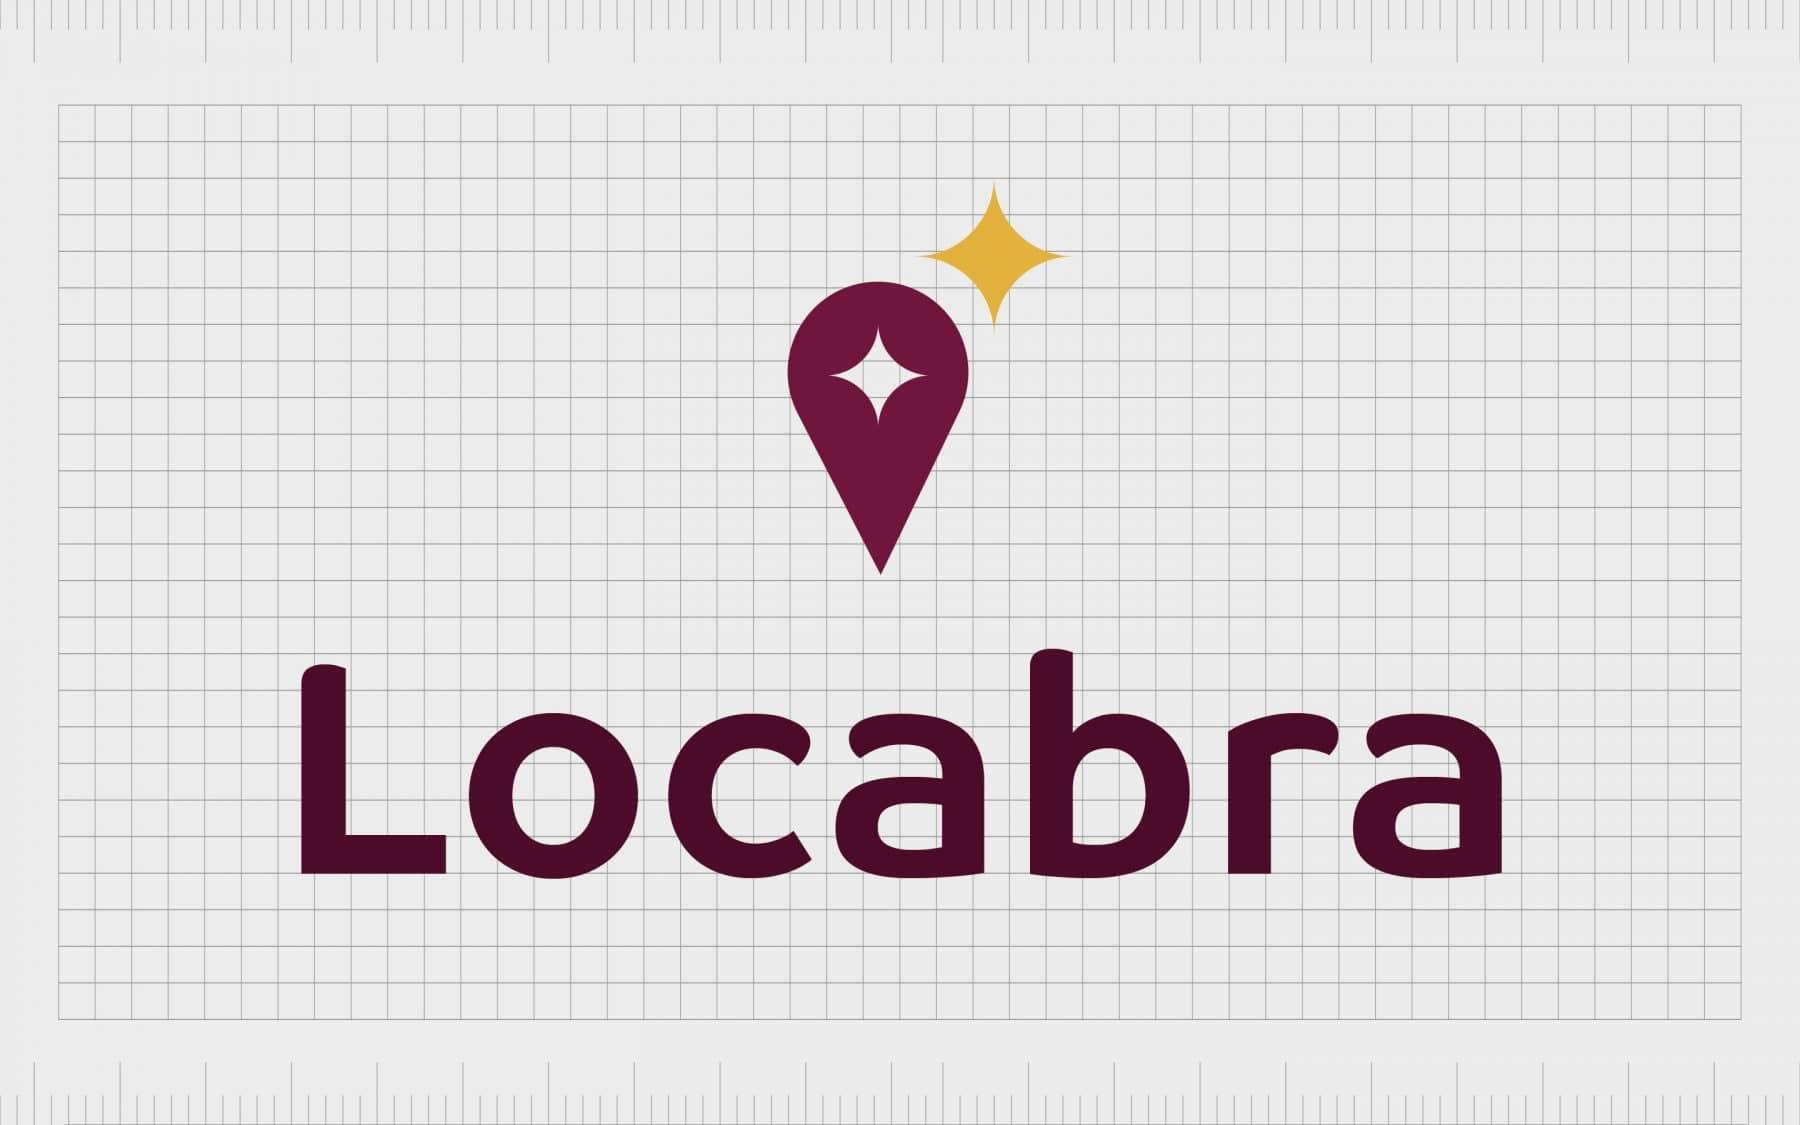 Locabra